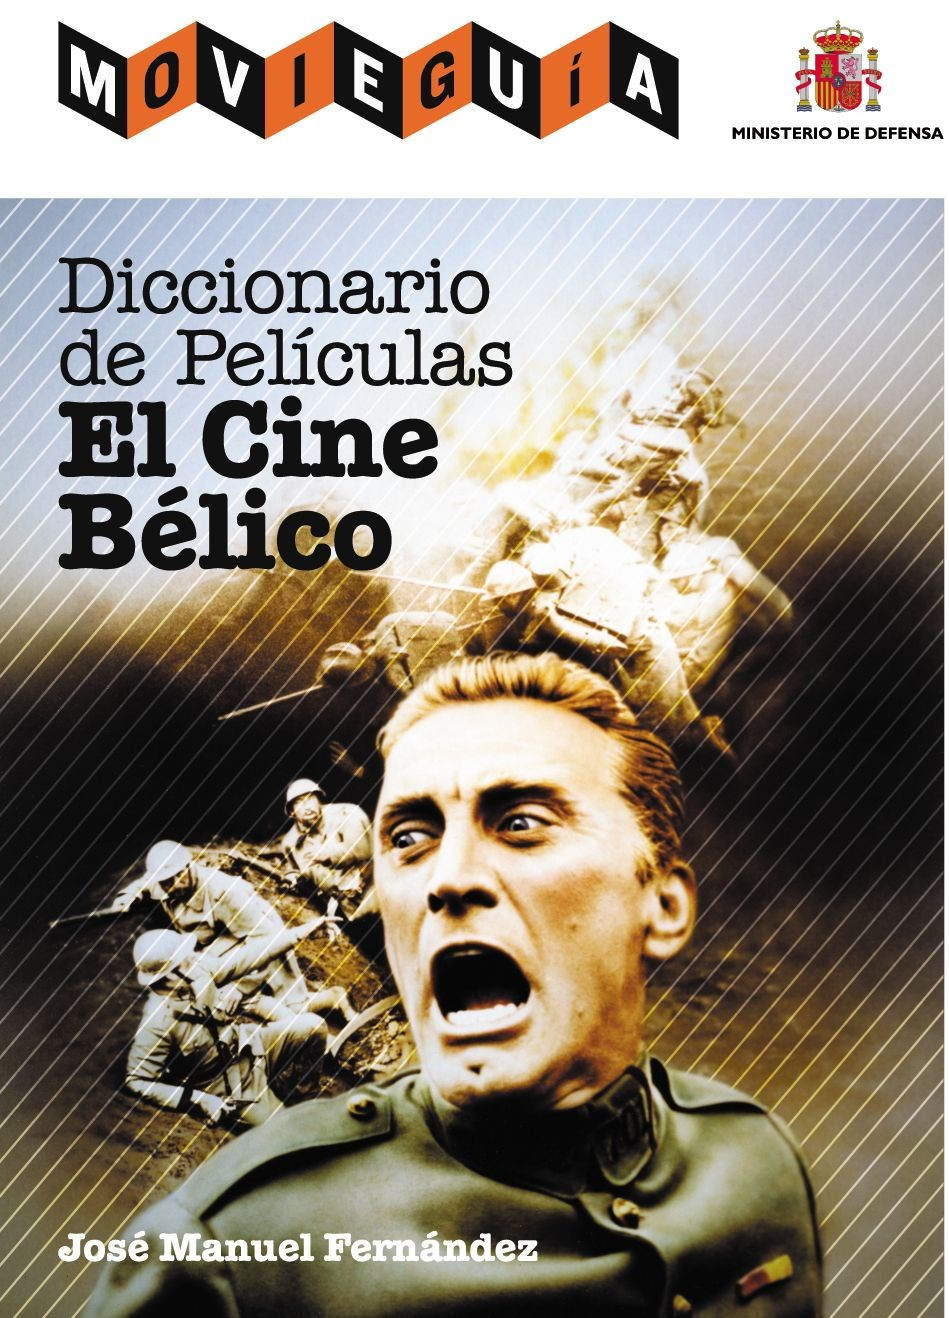 DICCIONARIO DE PELÍCULAS: EL CINE BÉLICO